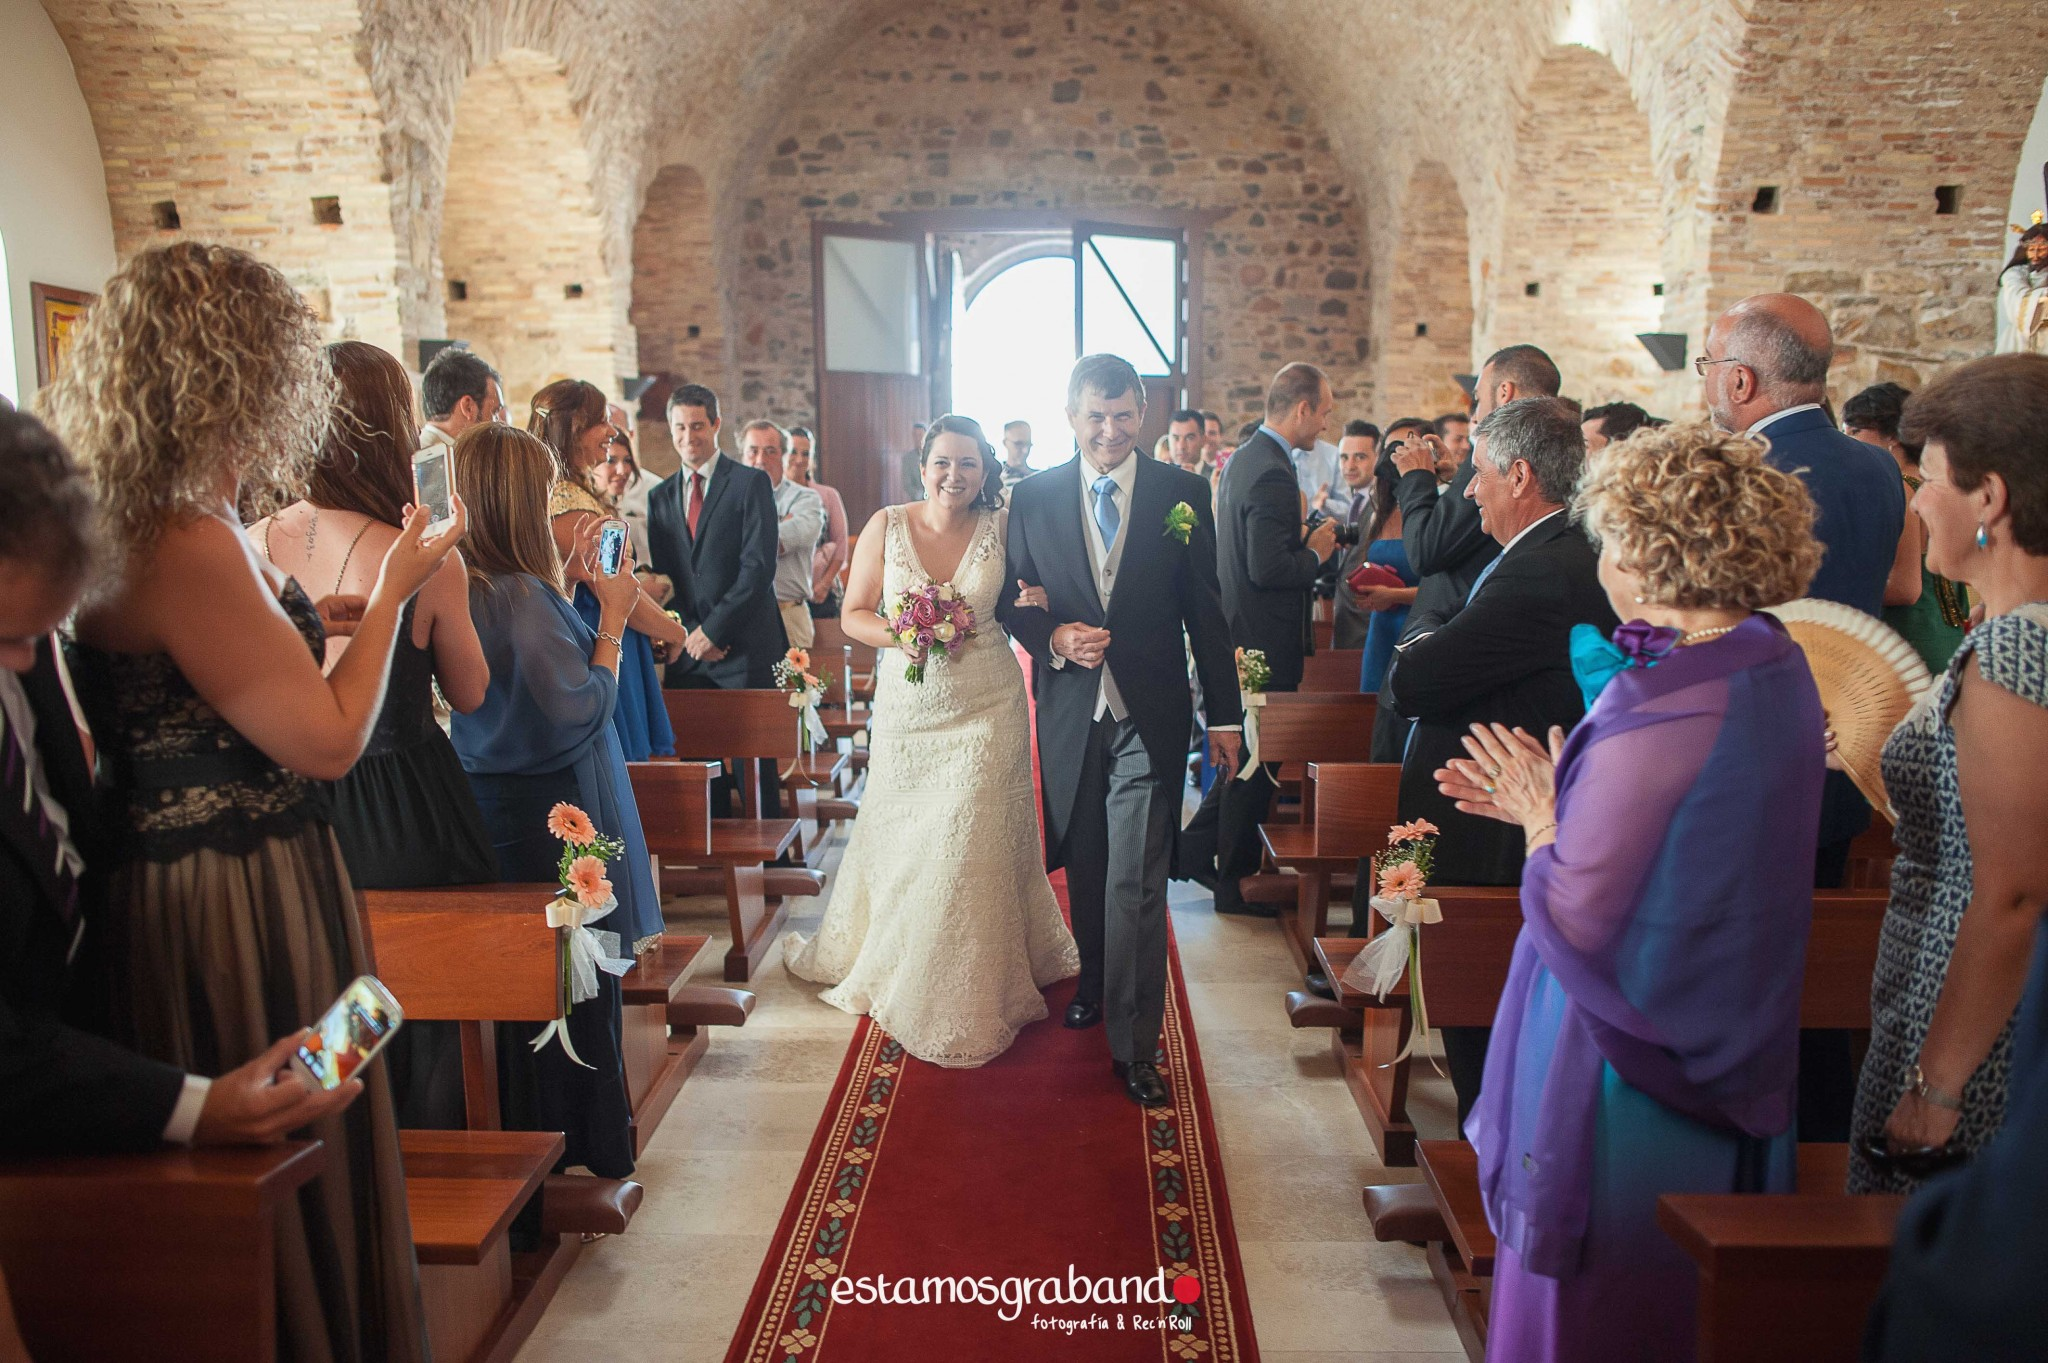 boda-en-chiclana_sonia-y-diego_fotograficc81a-de-boda-36 Zahara Sonia + Diego [Fotografía de Boda en Zahara] - video boda cadiz